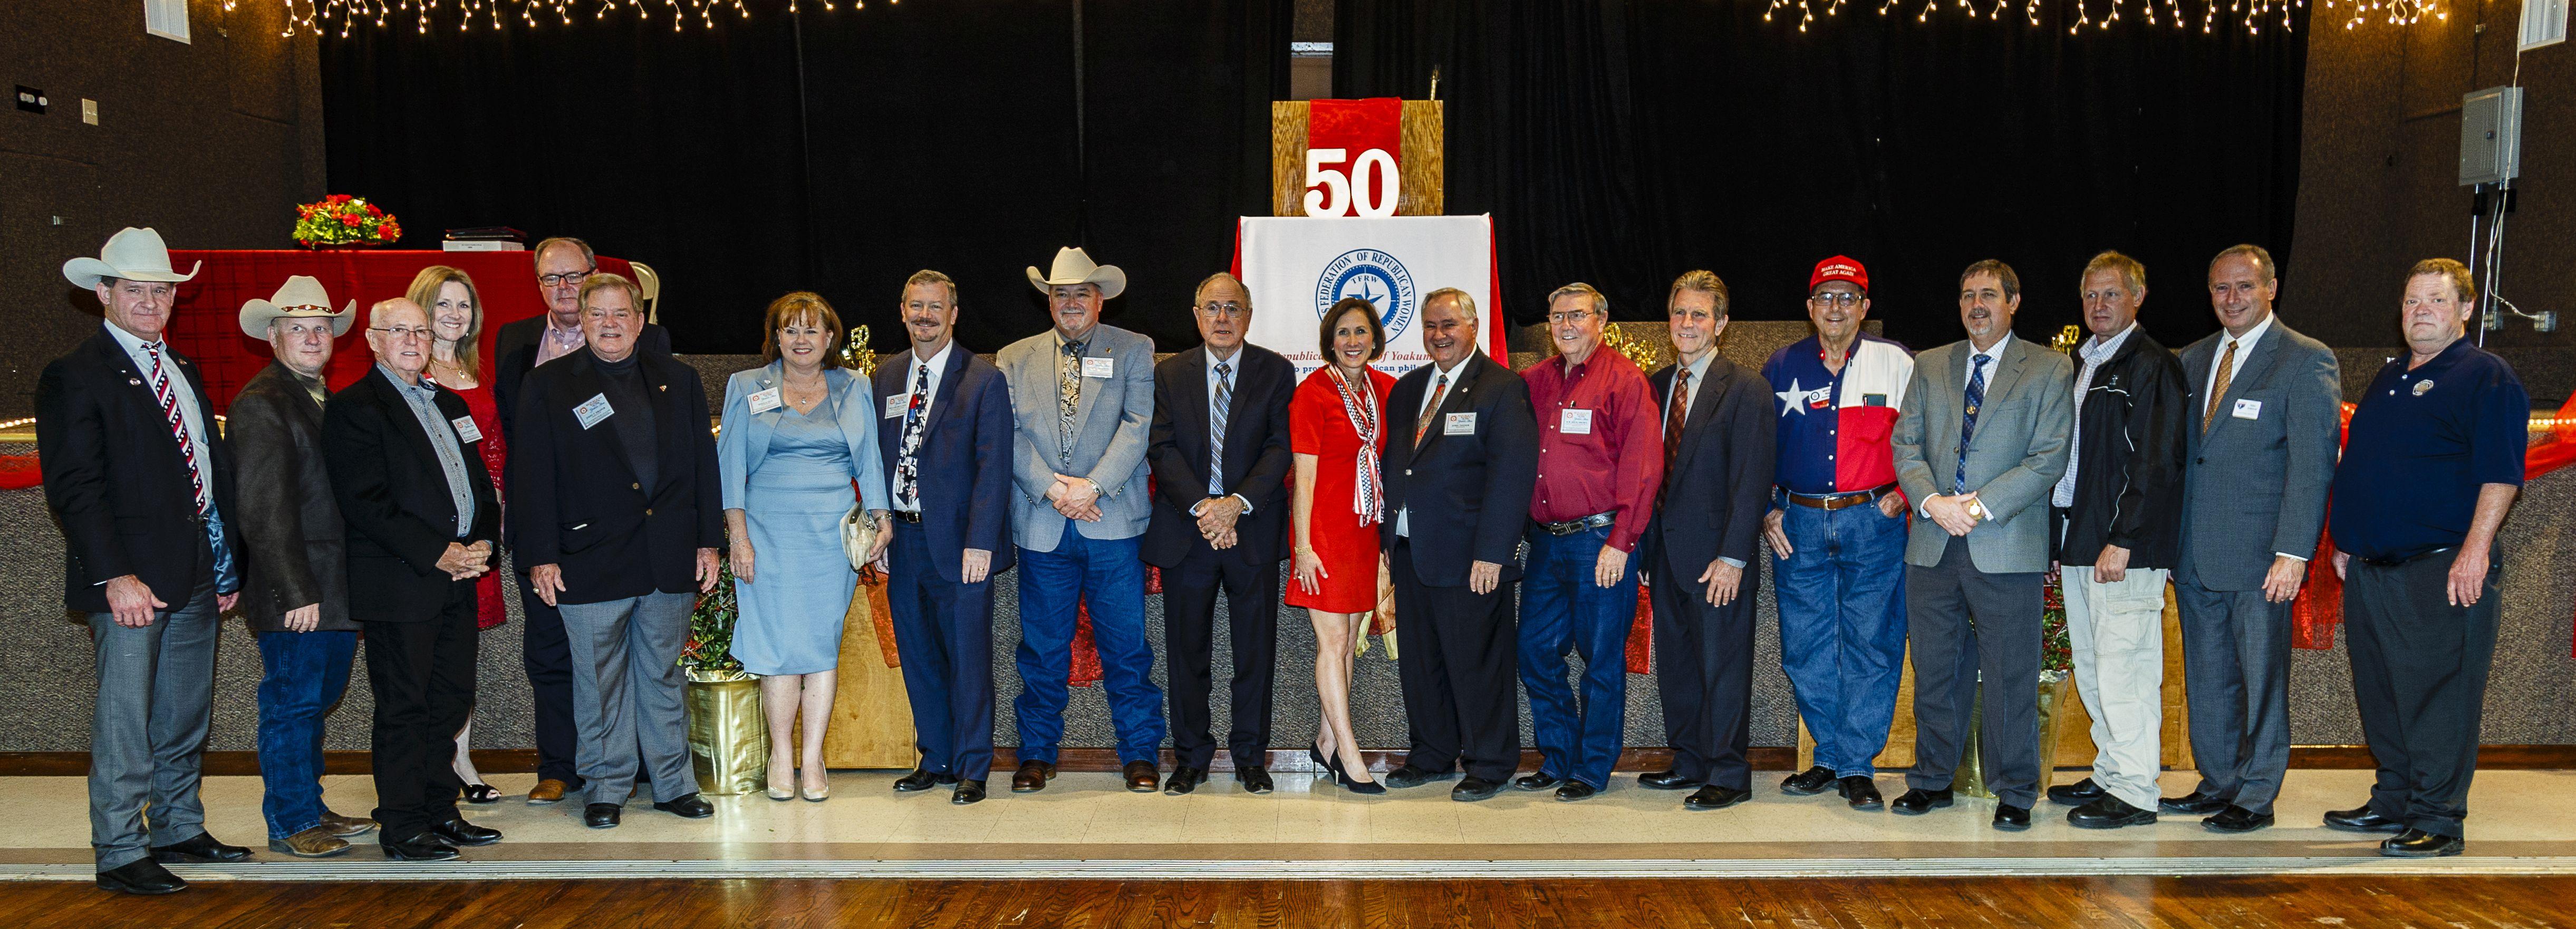 RWOYA 50th Associate Members